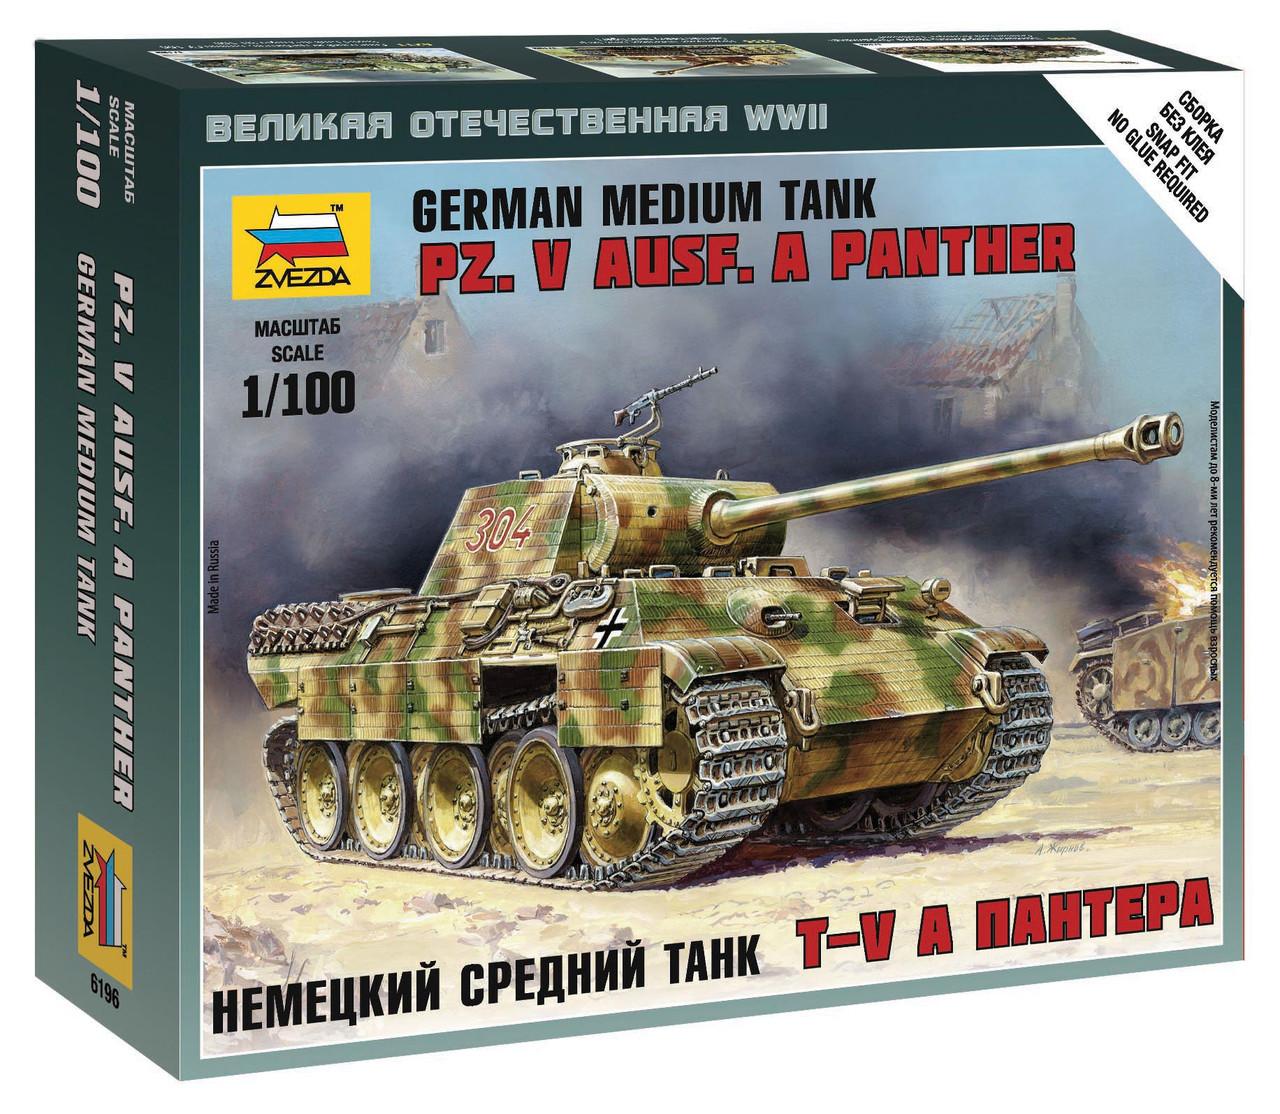 """Пластикова модель німецького танку """"ПАНТЕРА"""" у масштабі 1/100. ZVEZDA 6196"""